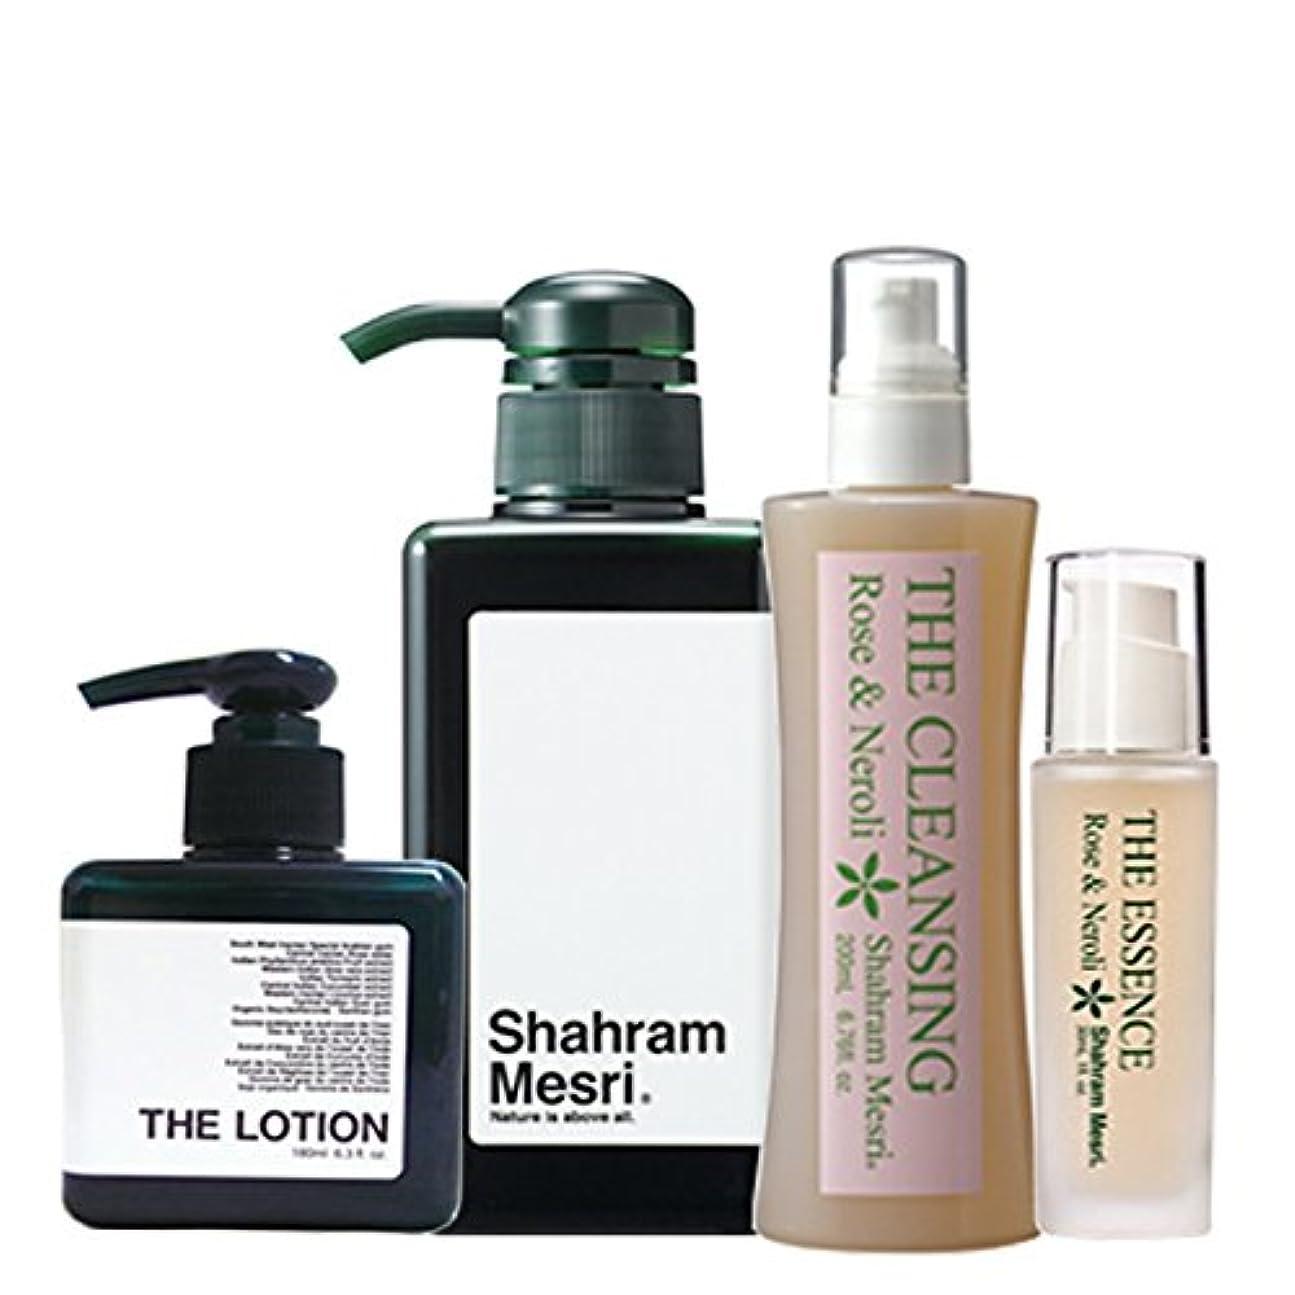 セーターダブル民間人Shahram Mesri パーフェクトセット シャハランメスリ ザ?シャンプー ザ?ローション ザ?クレンジング ザ?エッセンス のセットです。 お化粧落としからシャンプーそしてローションエッセンスの仕上げまで お試しください。